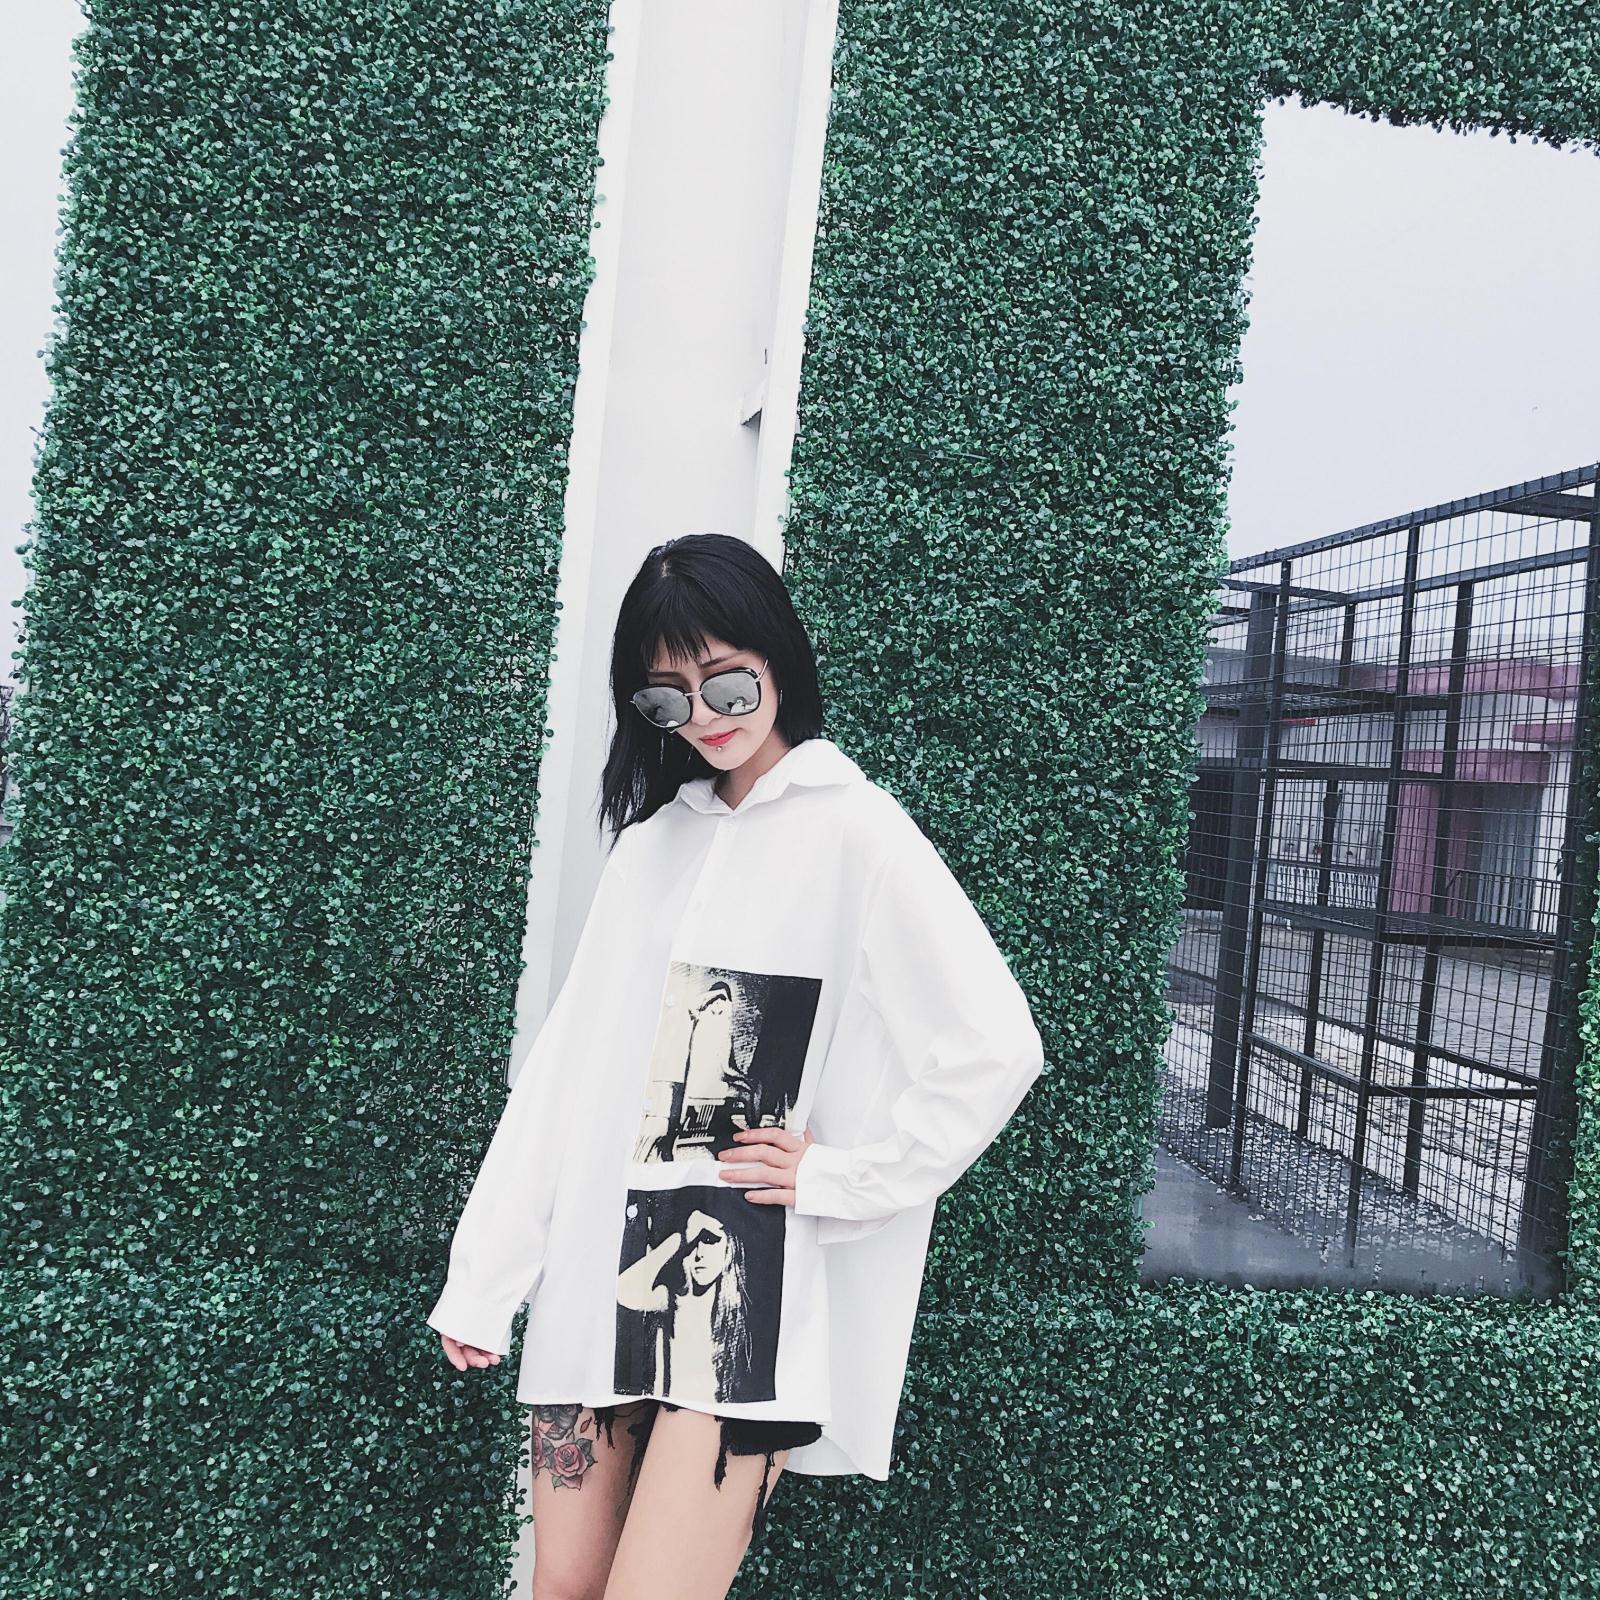 颜社少女定制2017春夏新款长袖宽松中长款街头个性印花衬衫女装潮